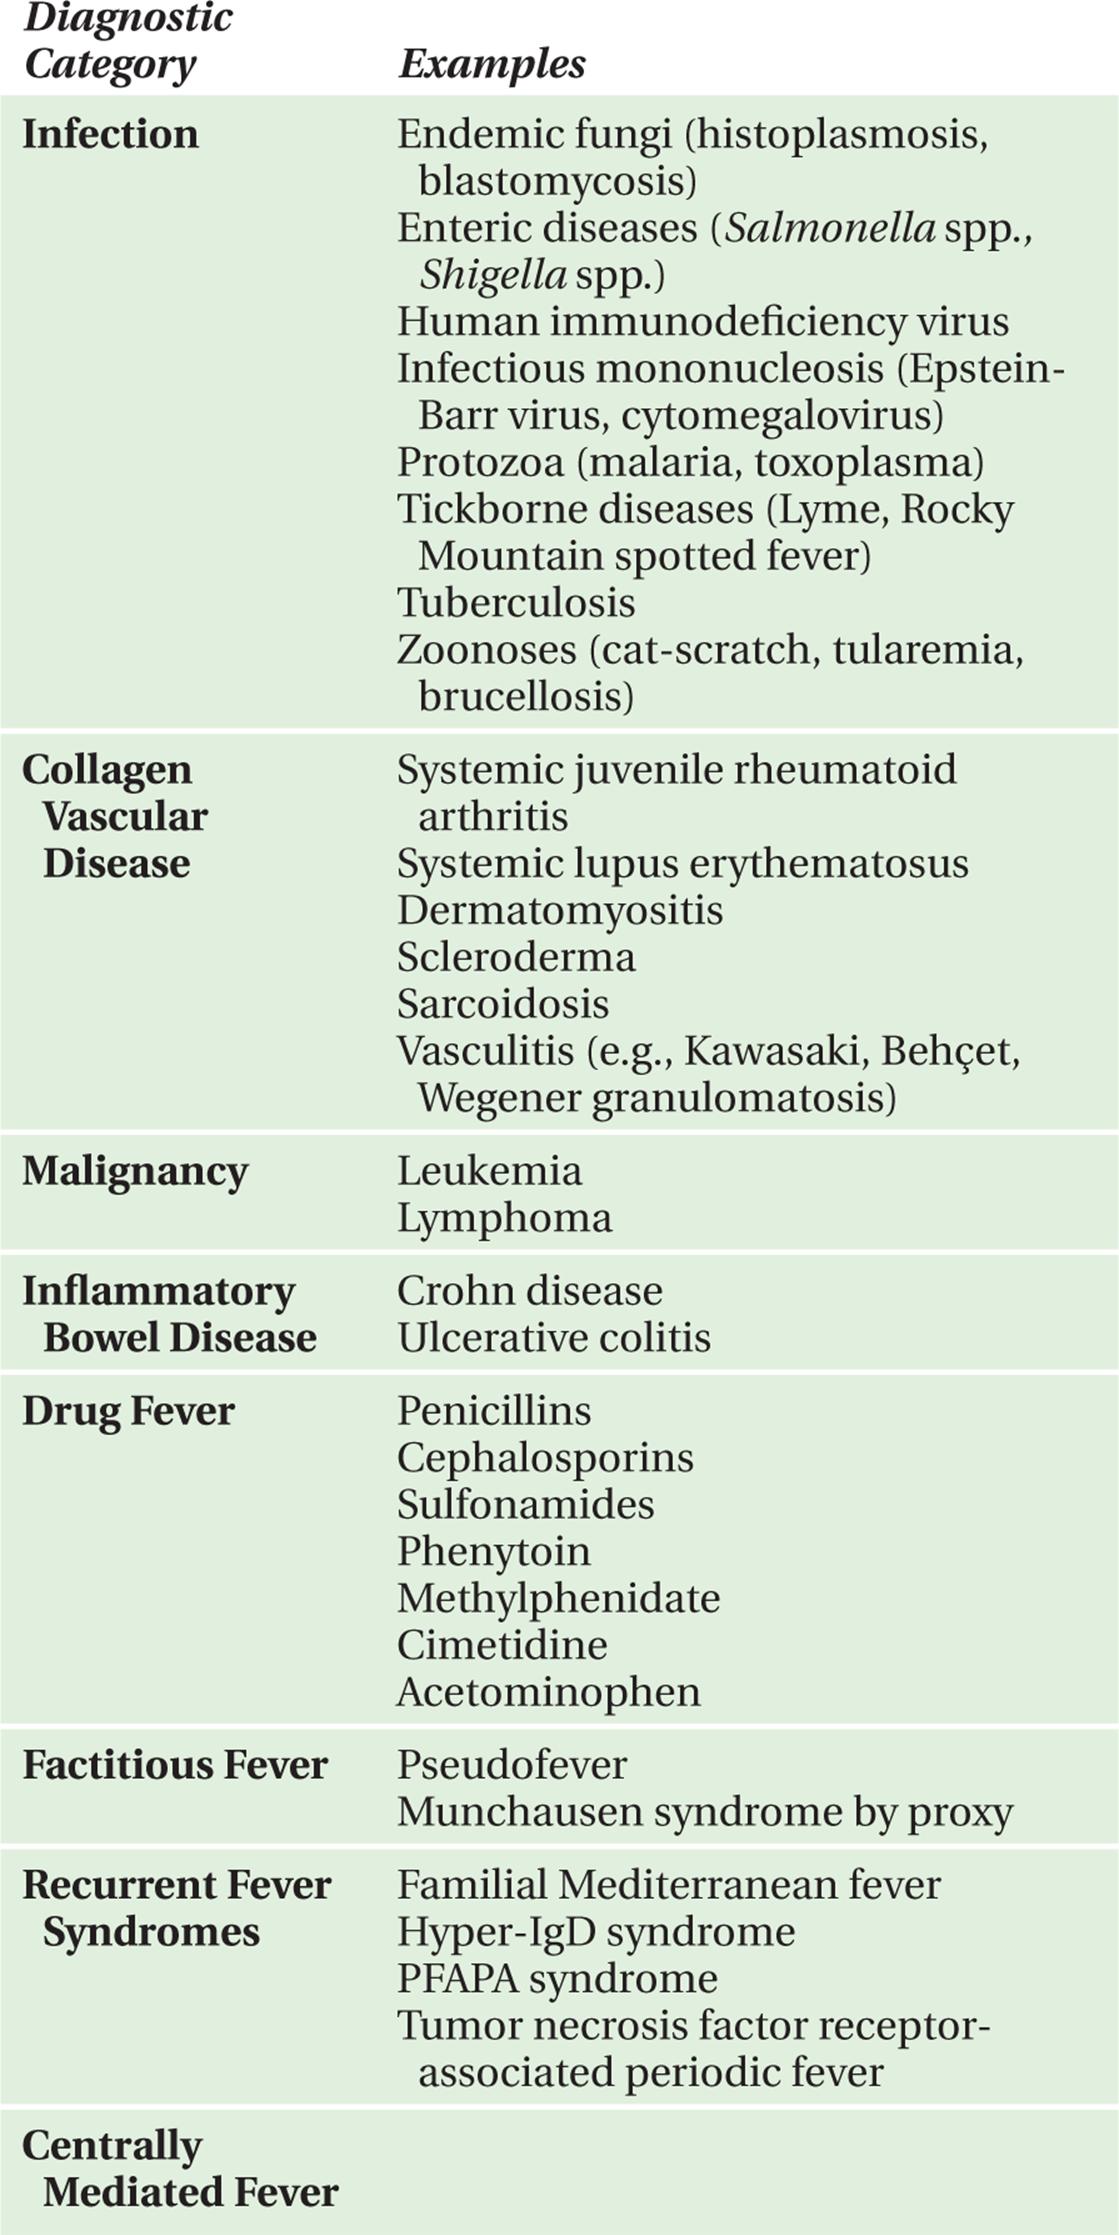 FEVER - Symptom-Based Diagnosis in Pediatrics (CHOP Morning